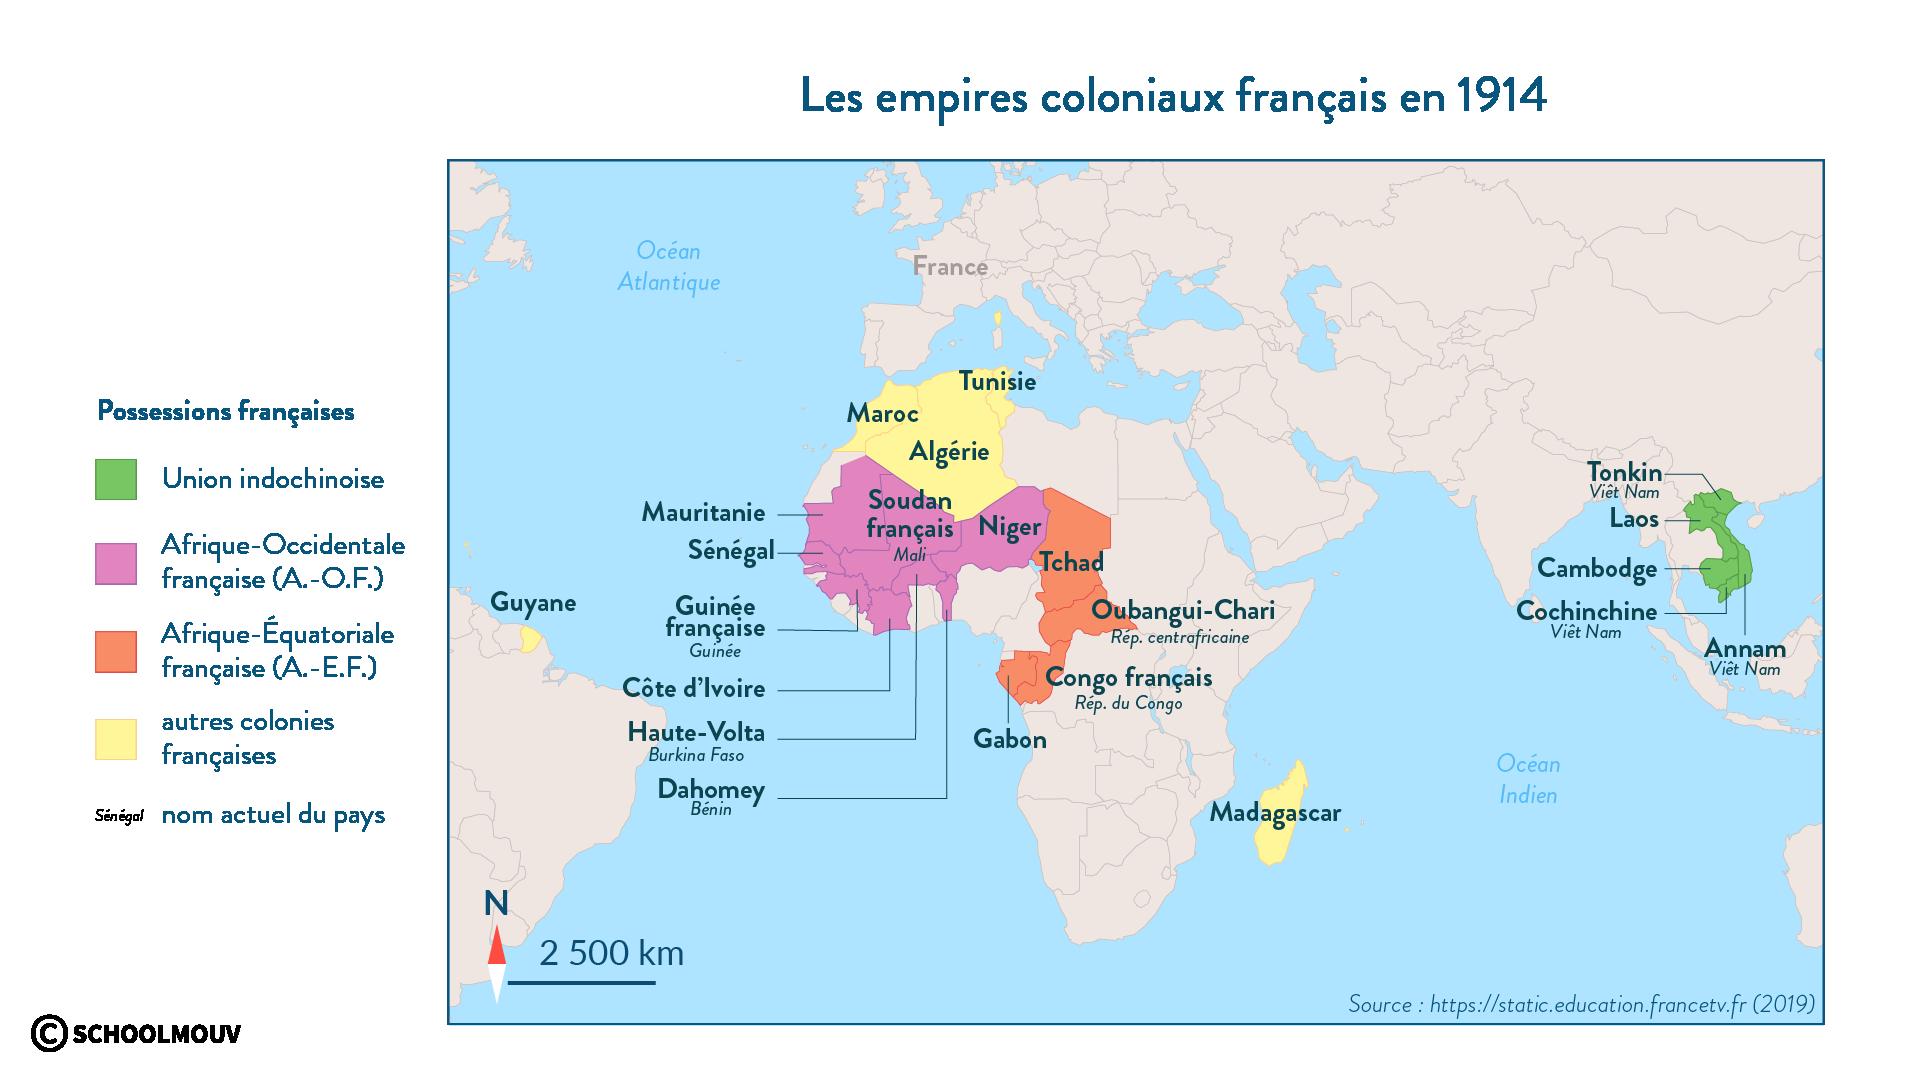 Les empires coloniaux français en 1914 - Histoire - 1re - SchoolMouv